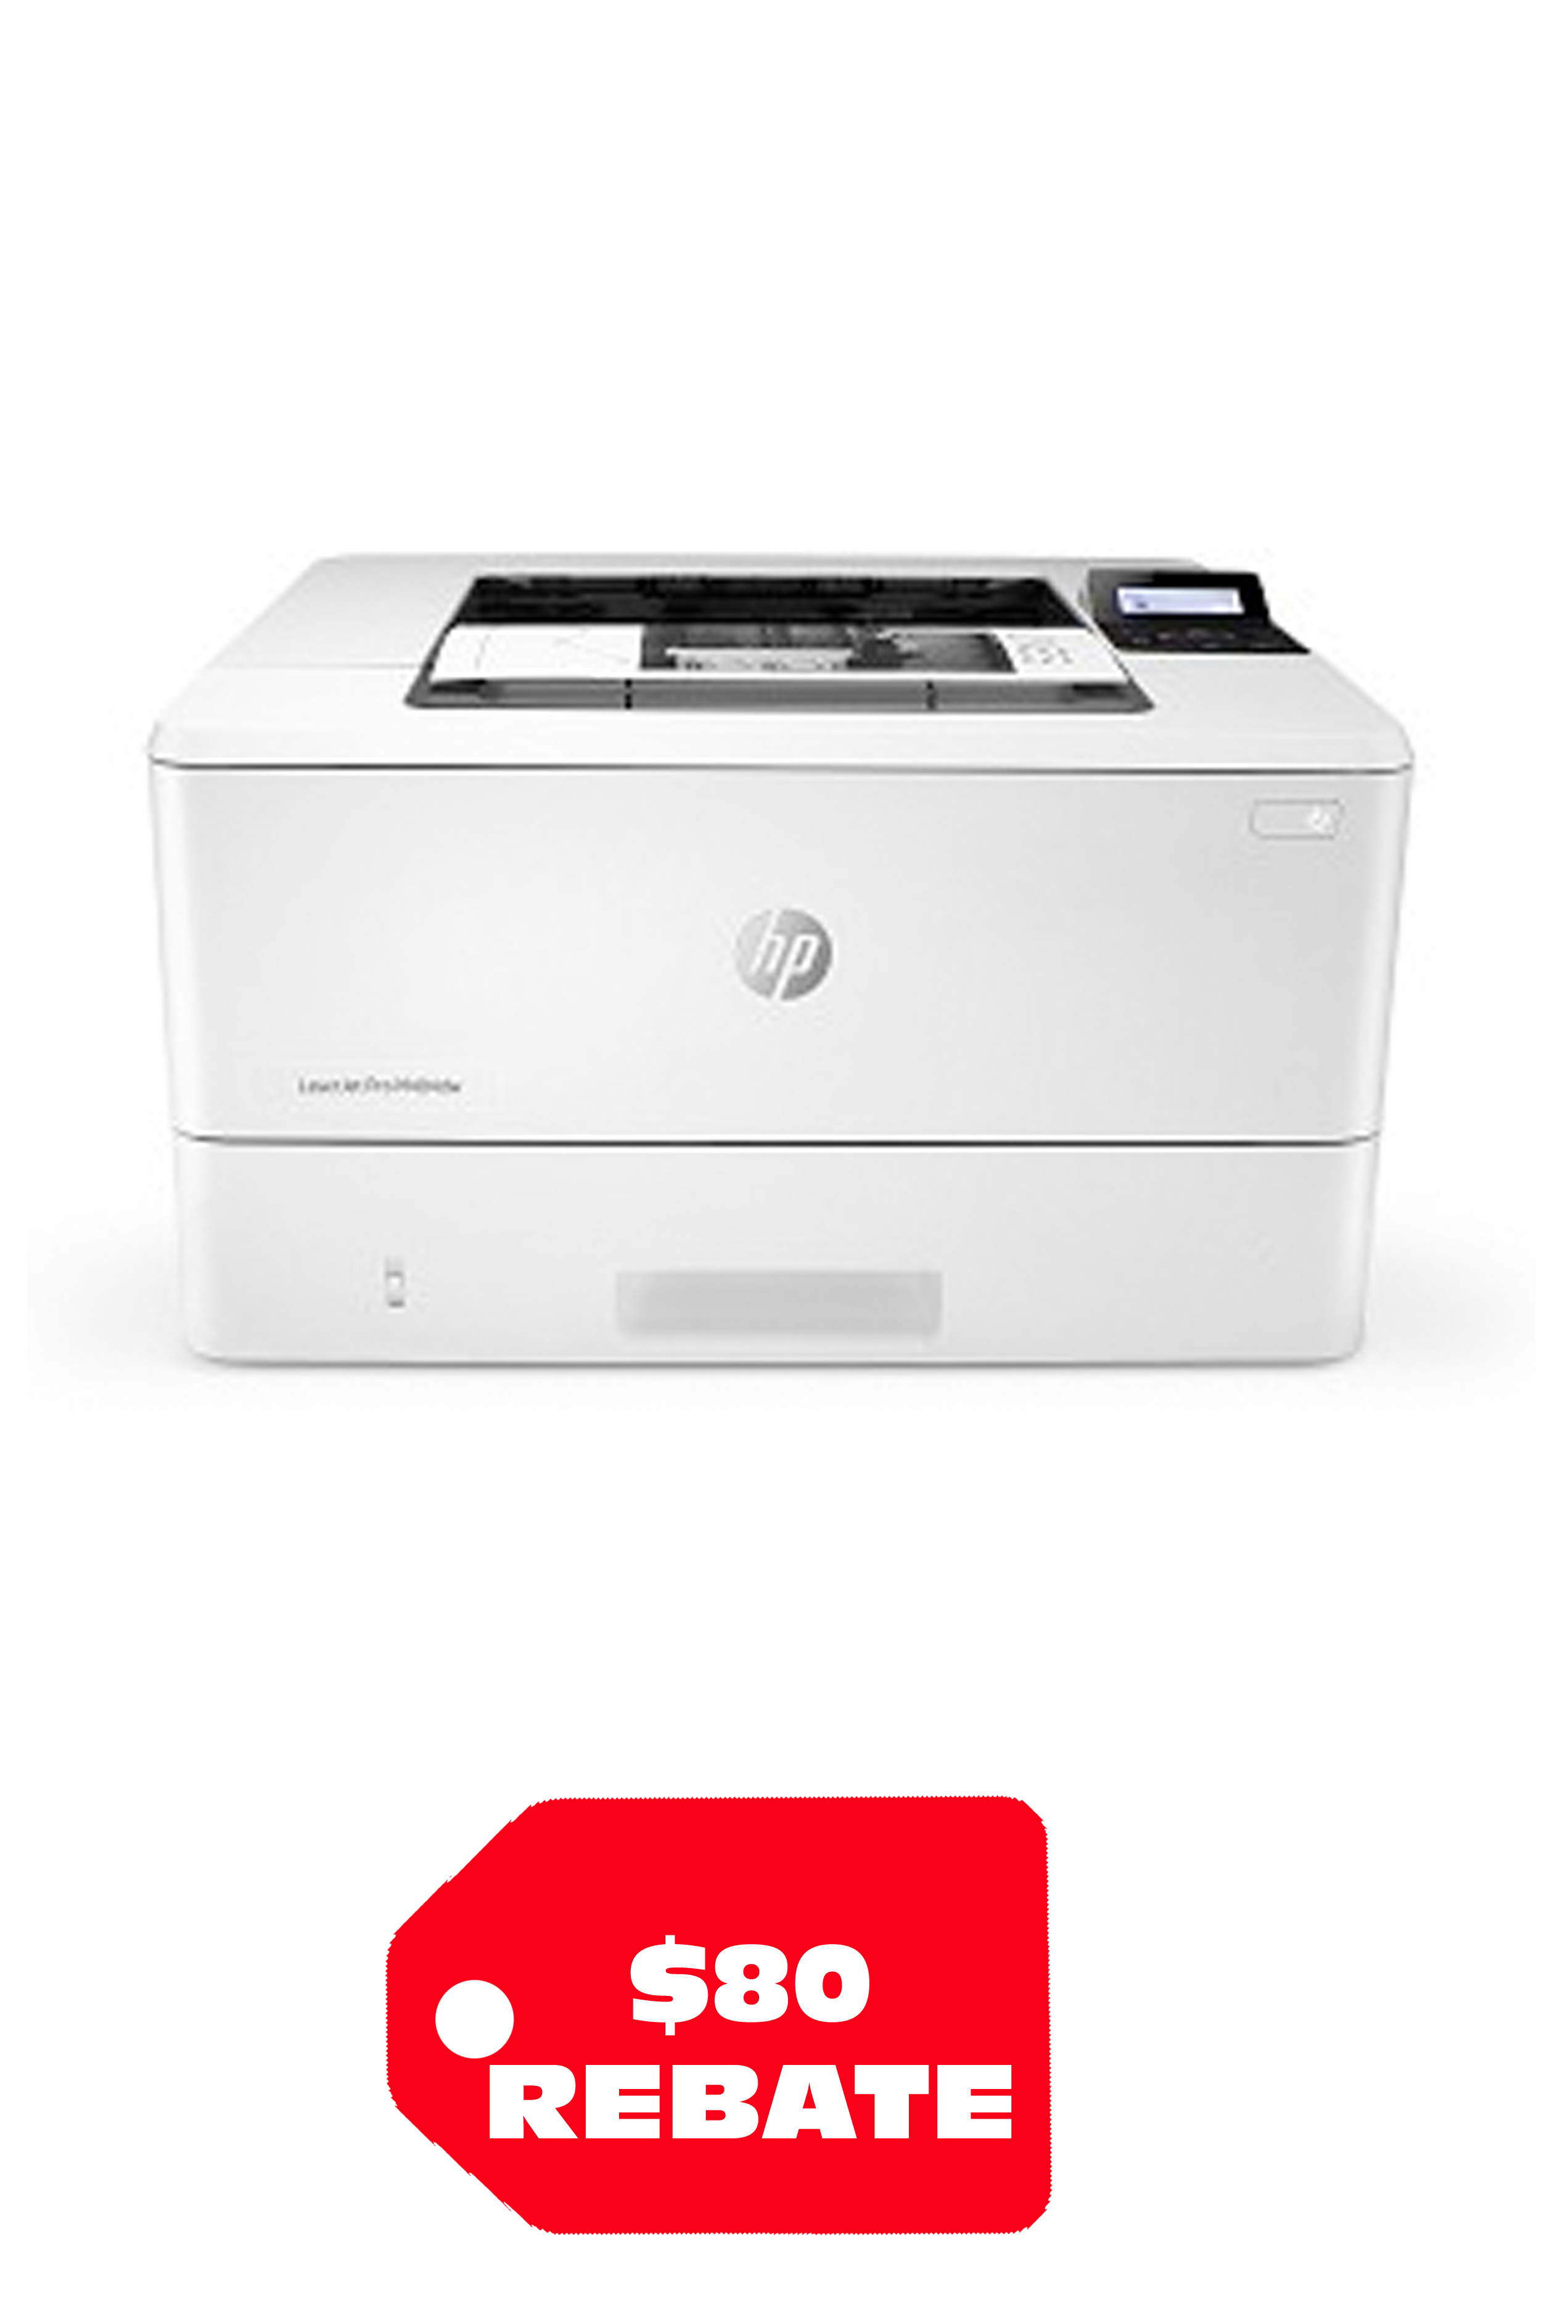 HP LaserJet Pro M404dw (40/38ppm)